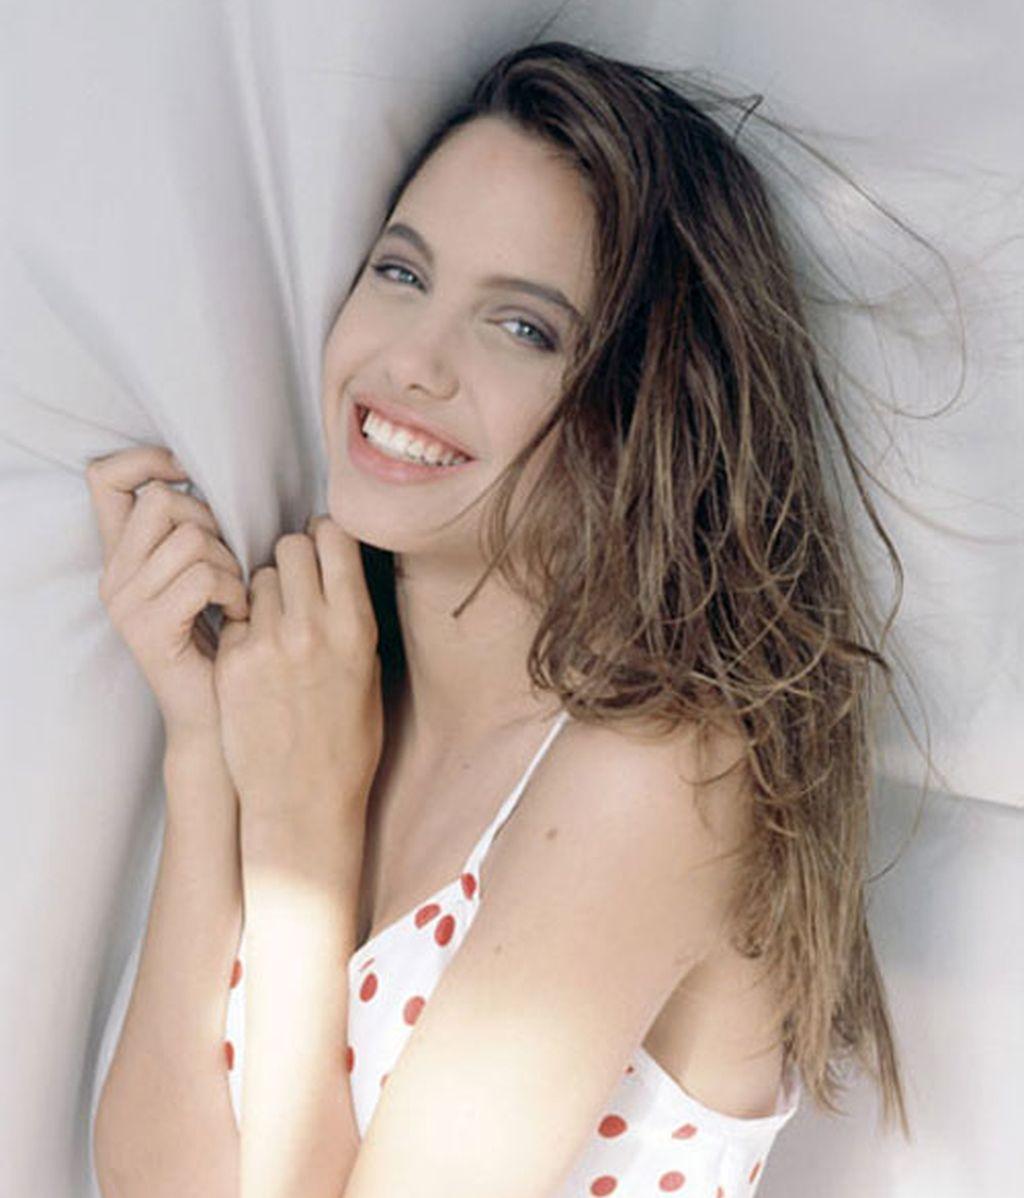 Nuevas imágenes de Angelina Jolie adolescente